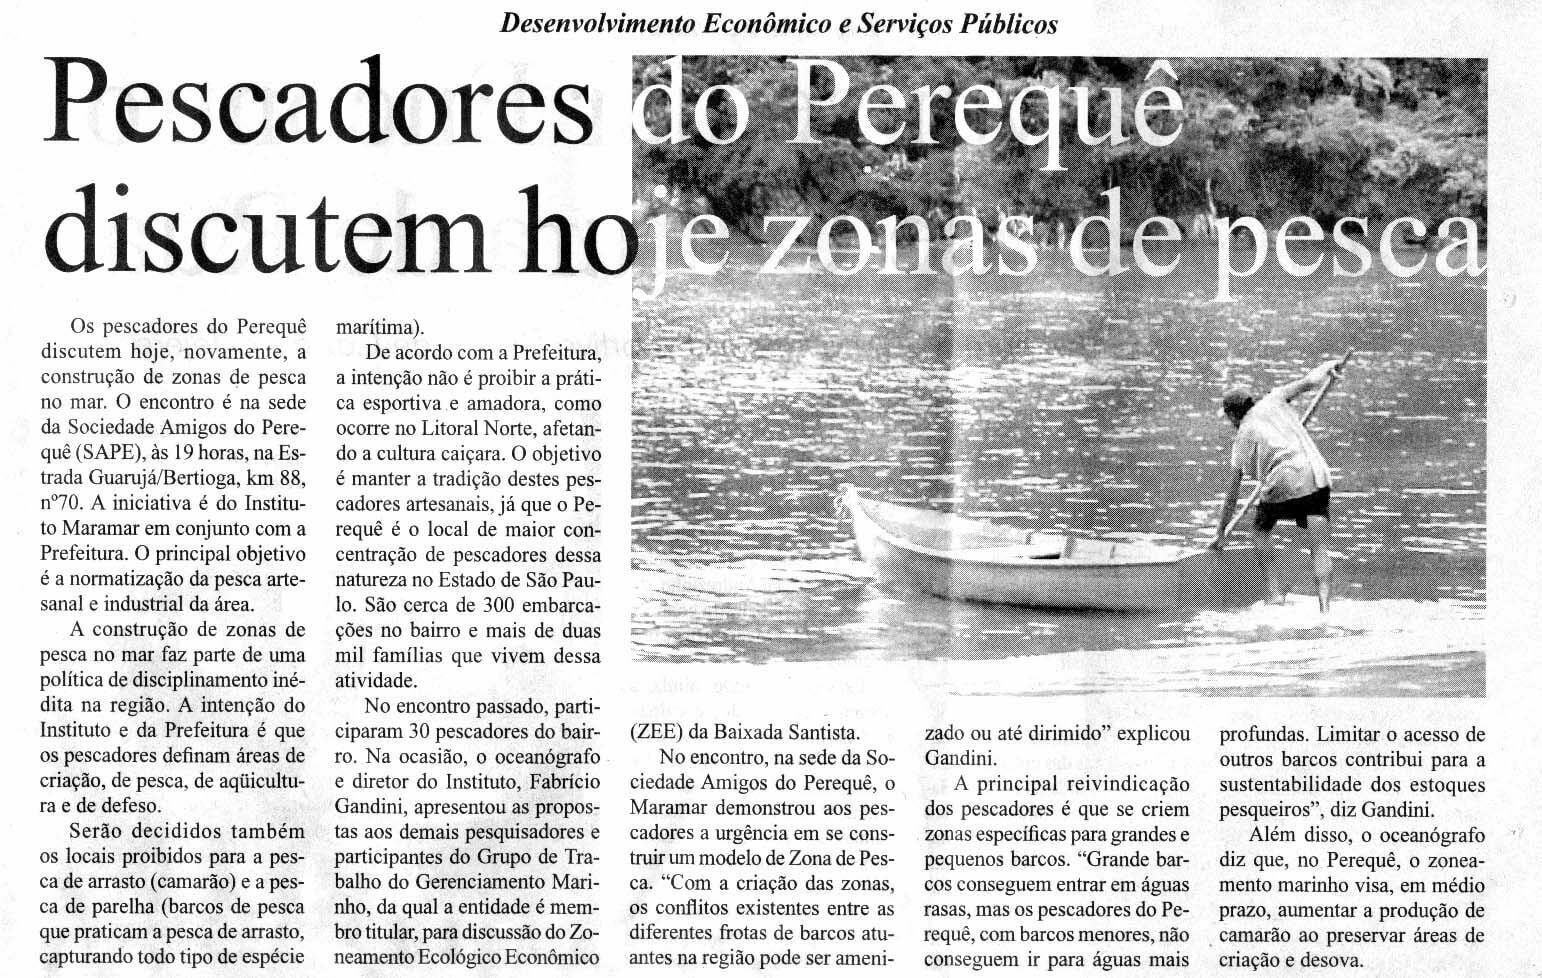 DO_materia_zonas_de_pesca